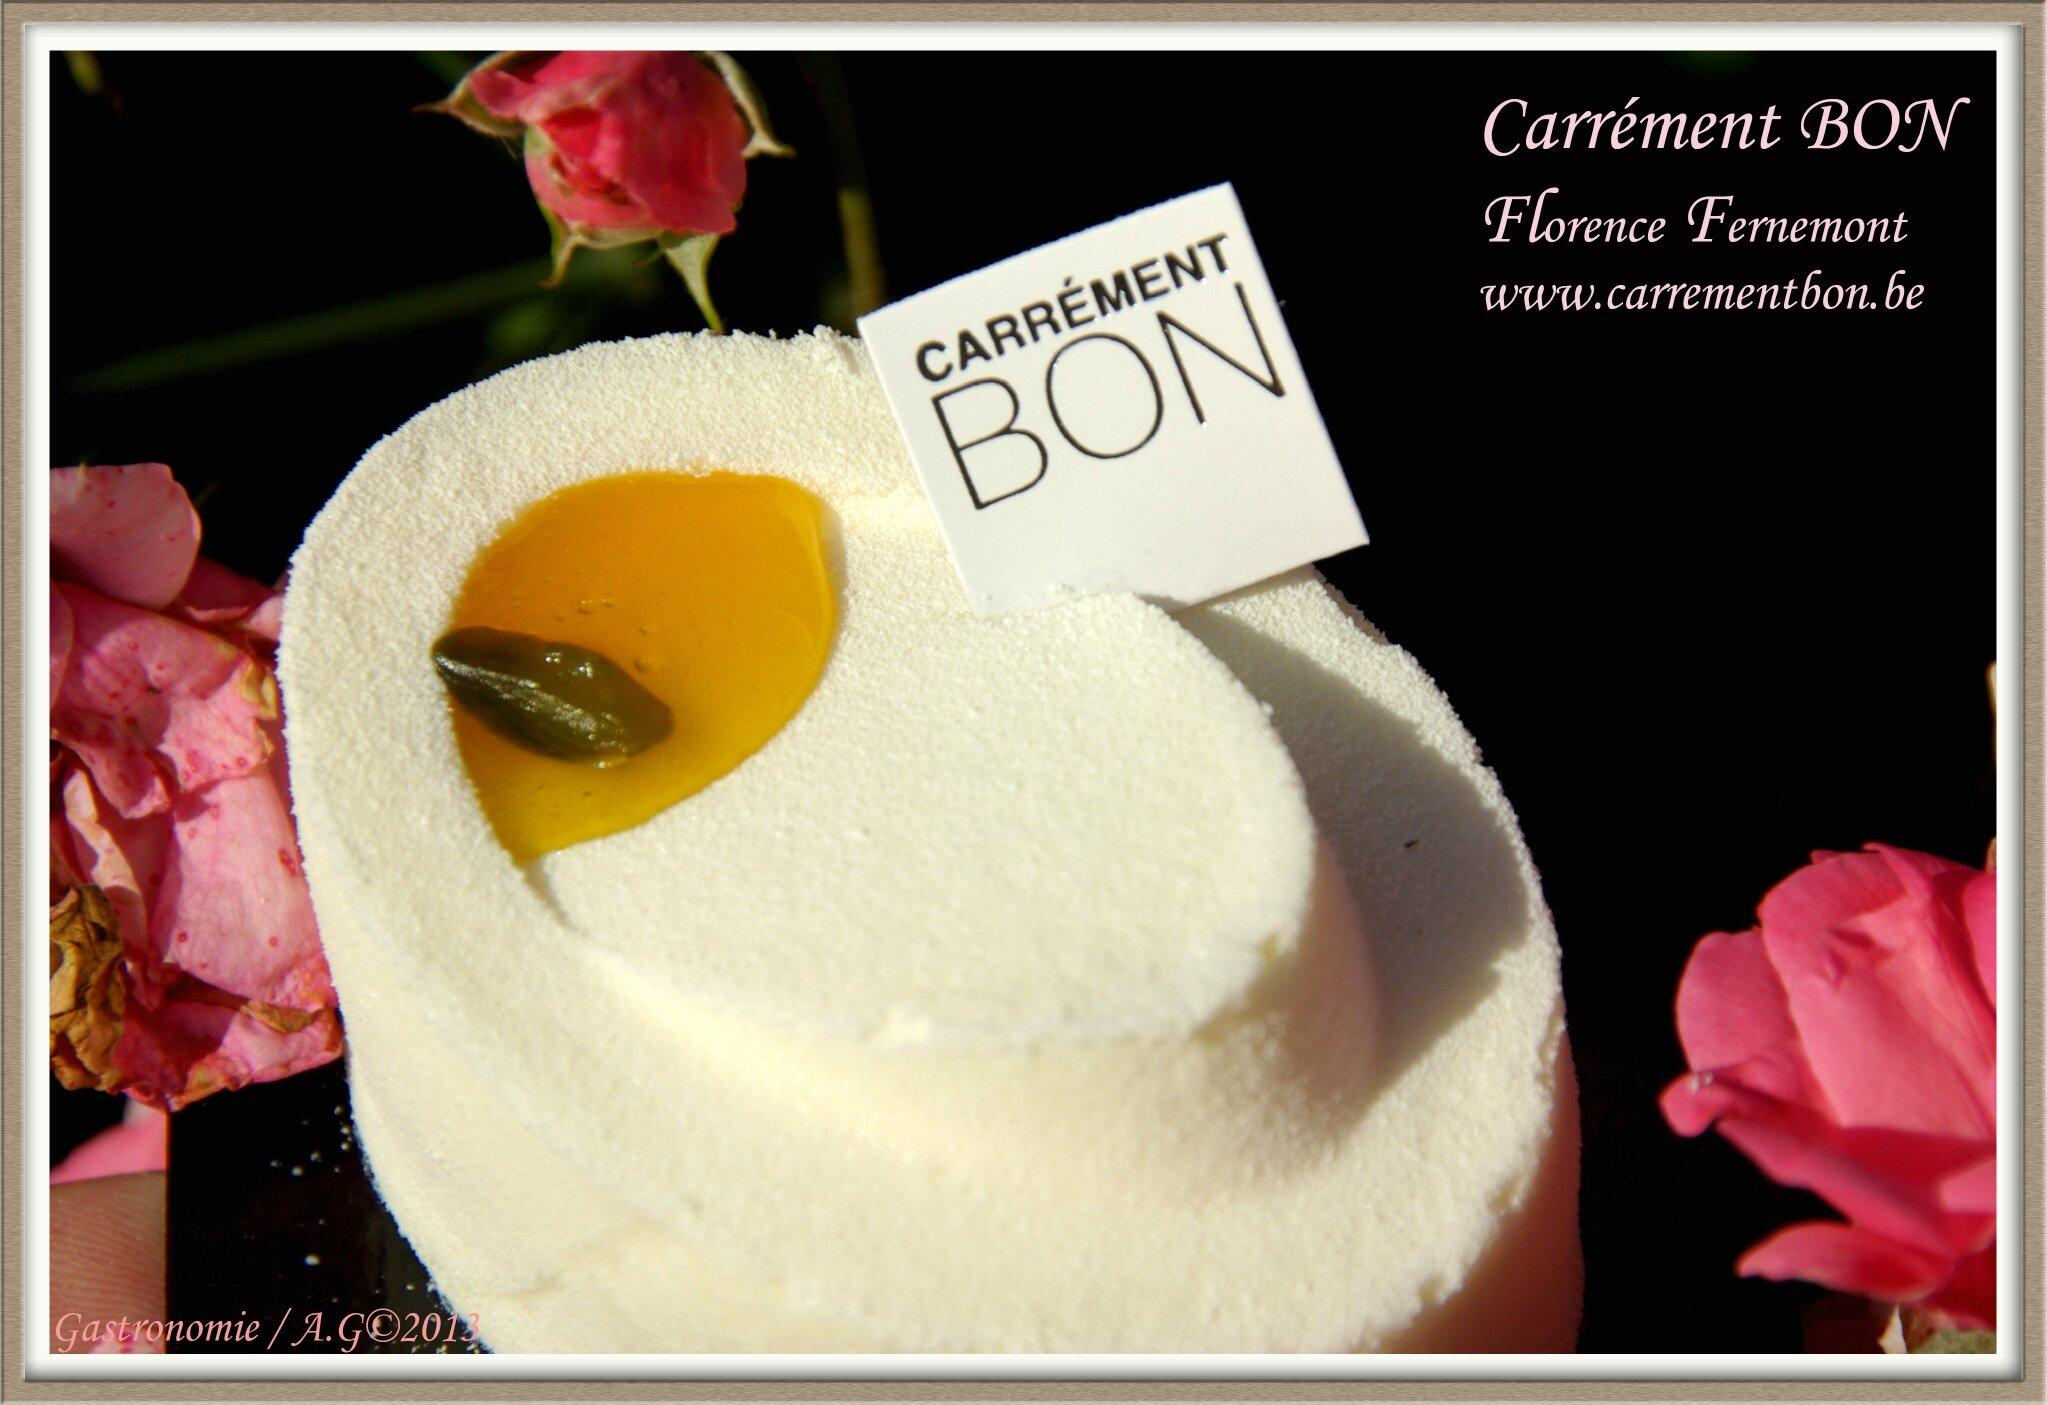 Carrelent Bon - Florence Fernemont